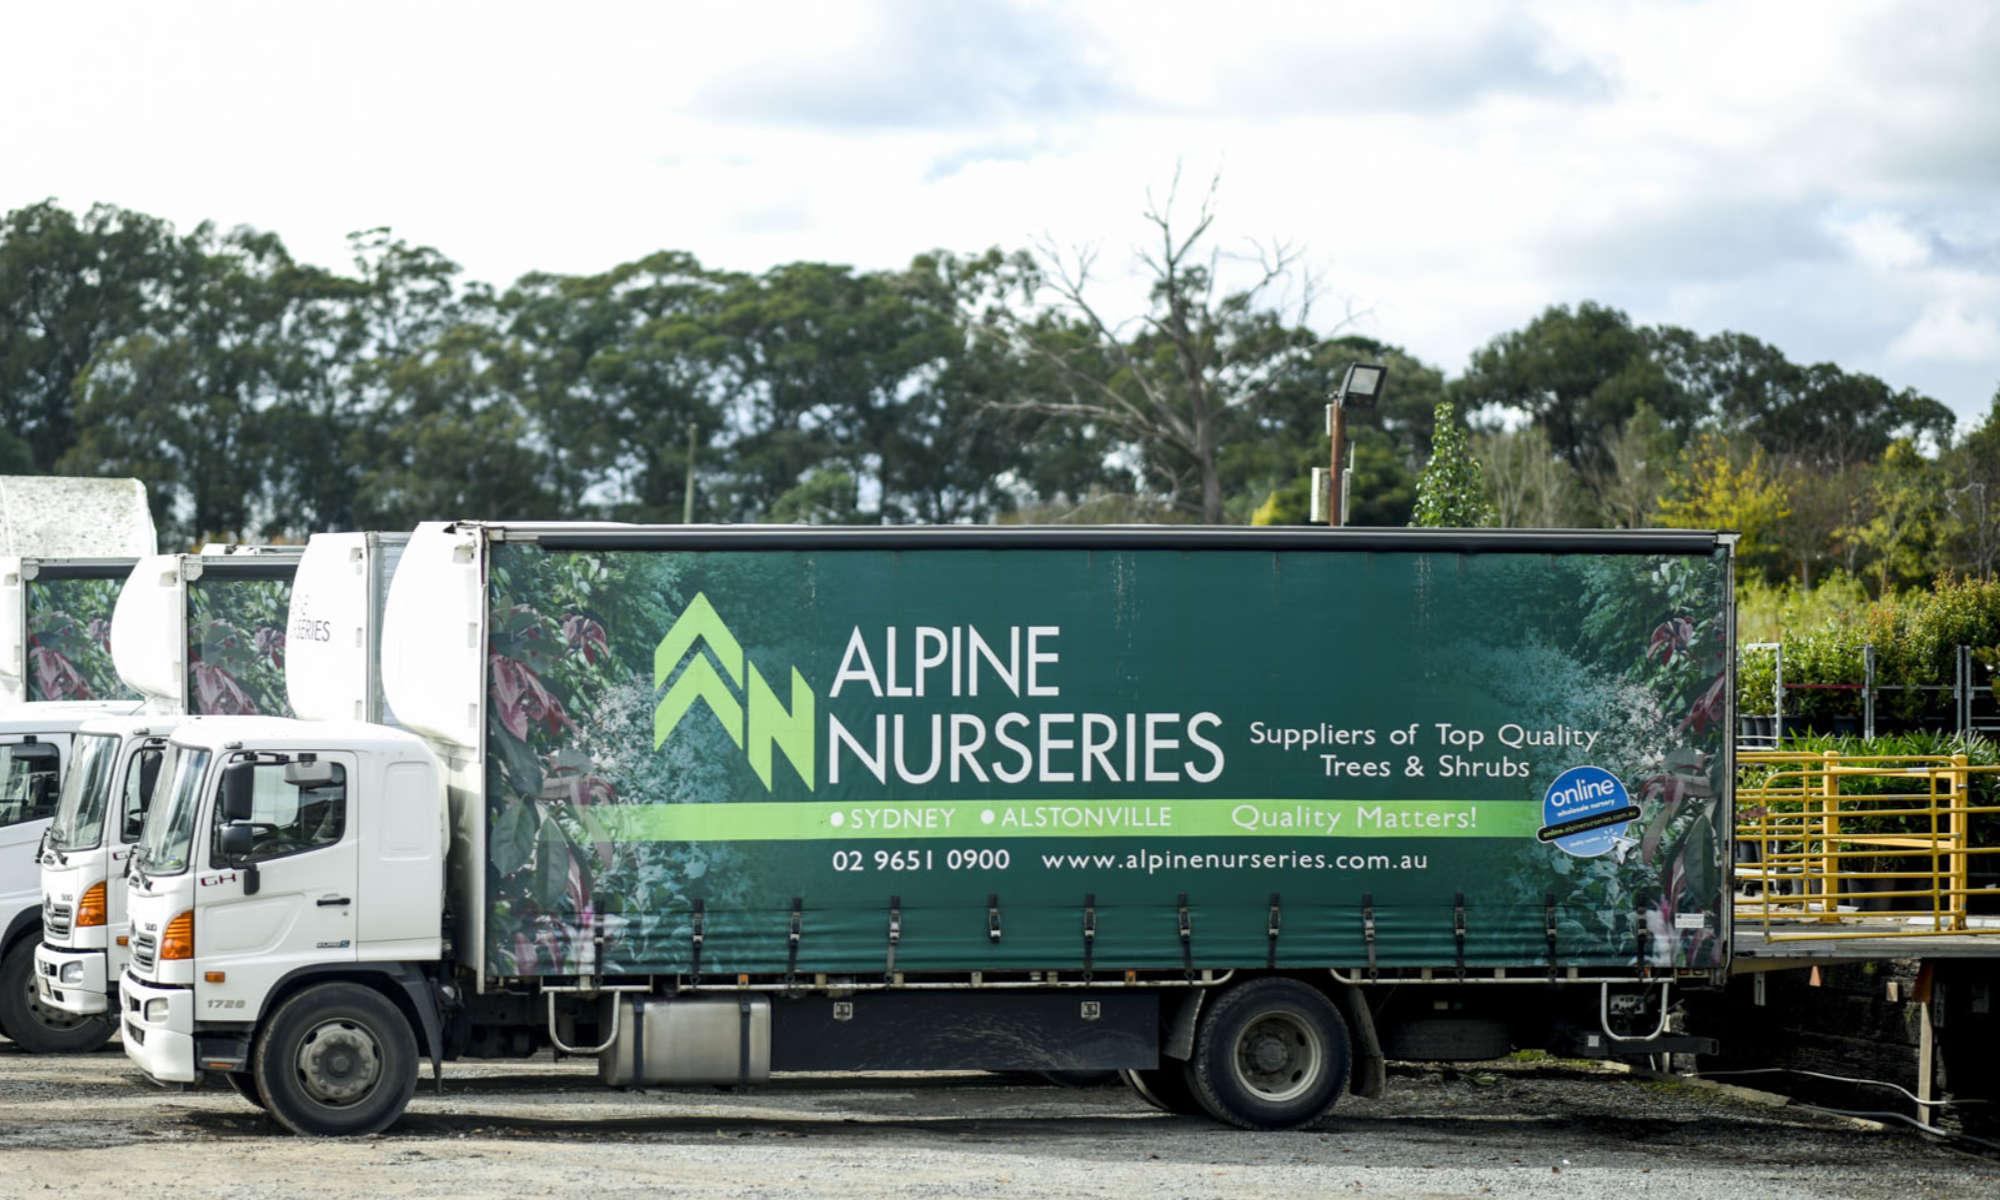 Alpine Nurseries Trucks